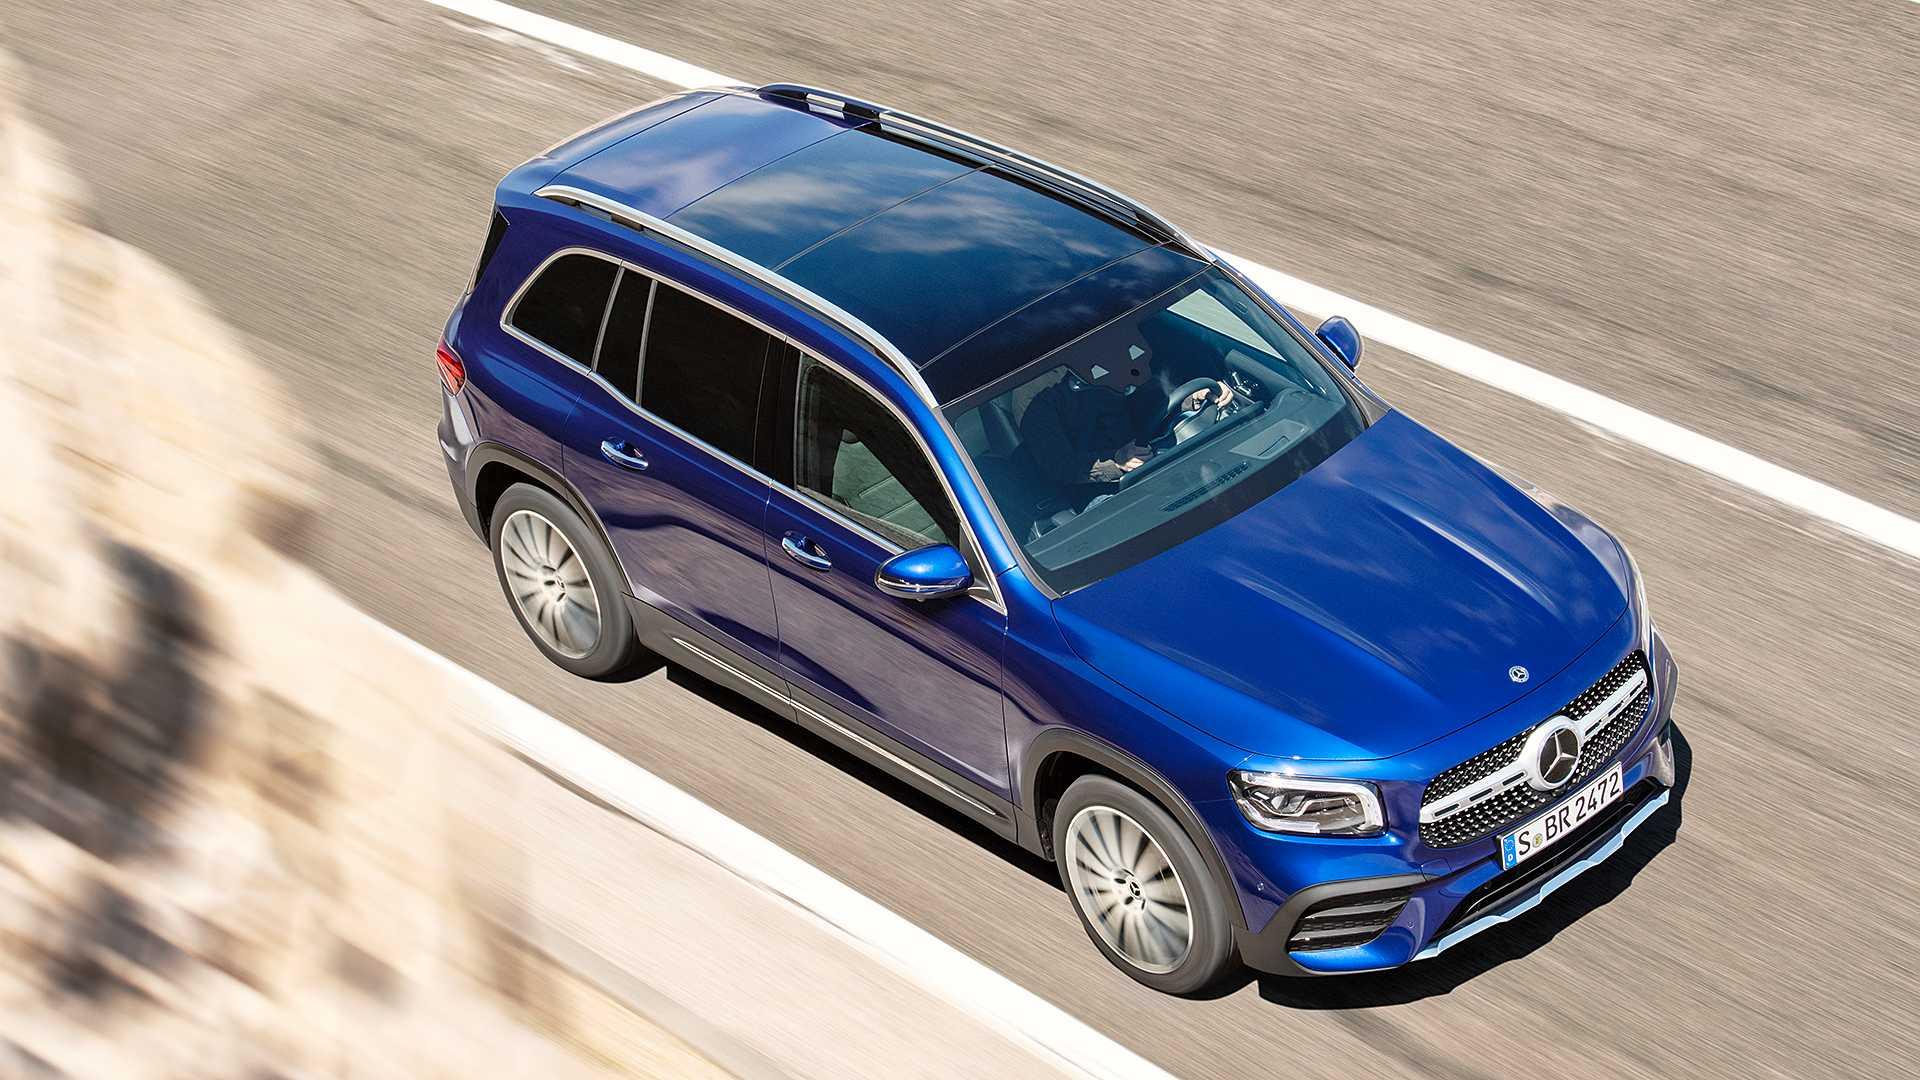 Mercedes-Benz GLB gây bất ngờ với thiết kế 7 chỗ dành cho gia đình - 5